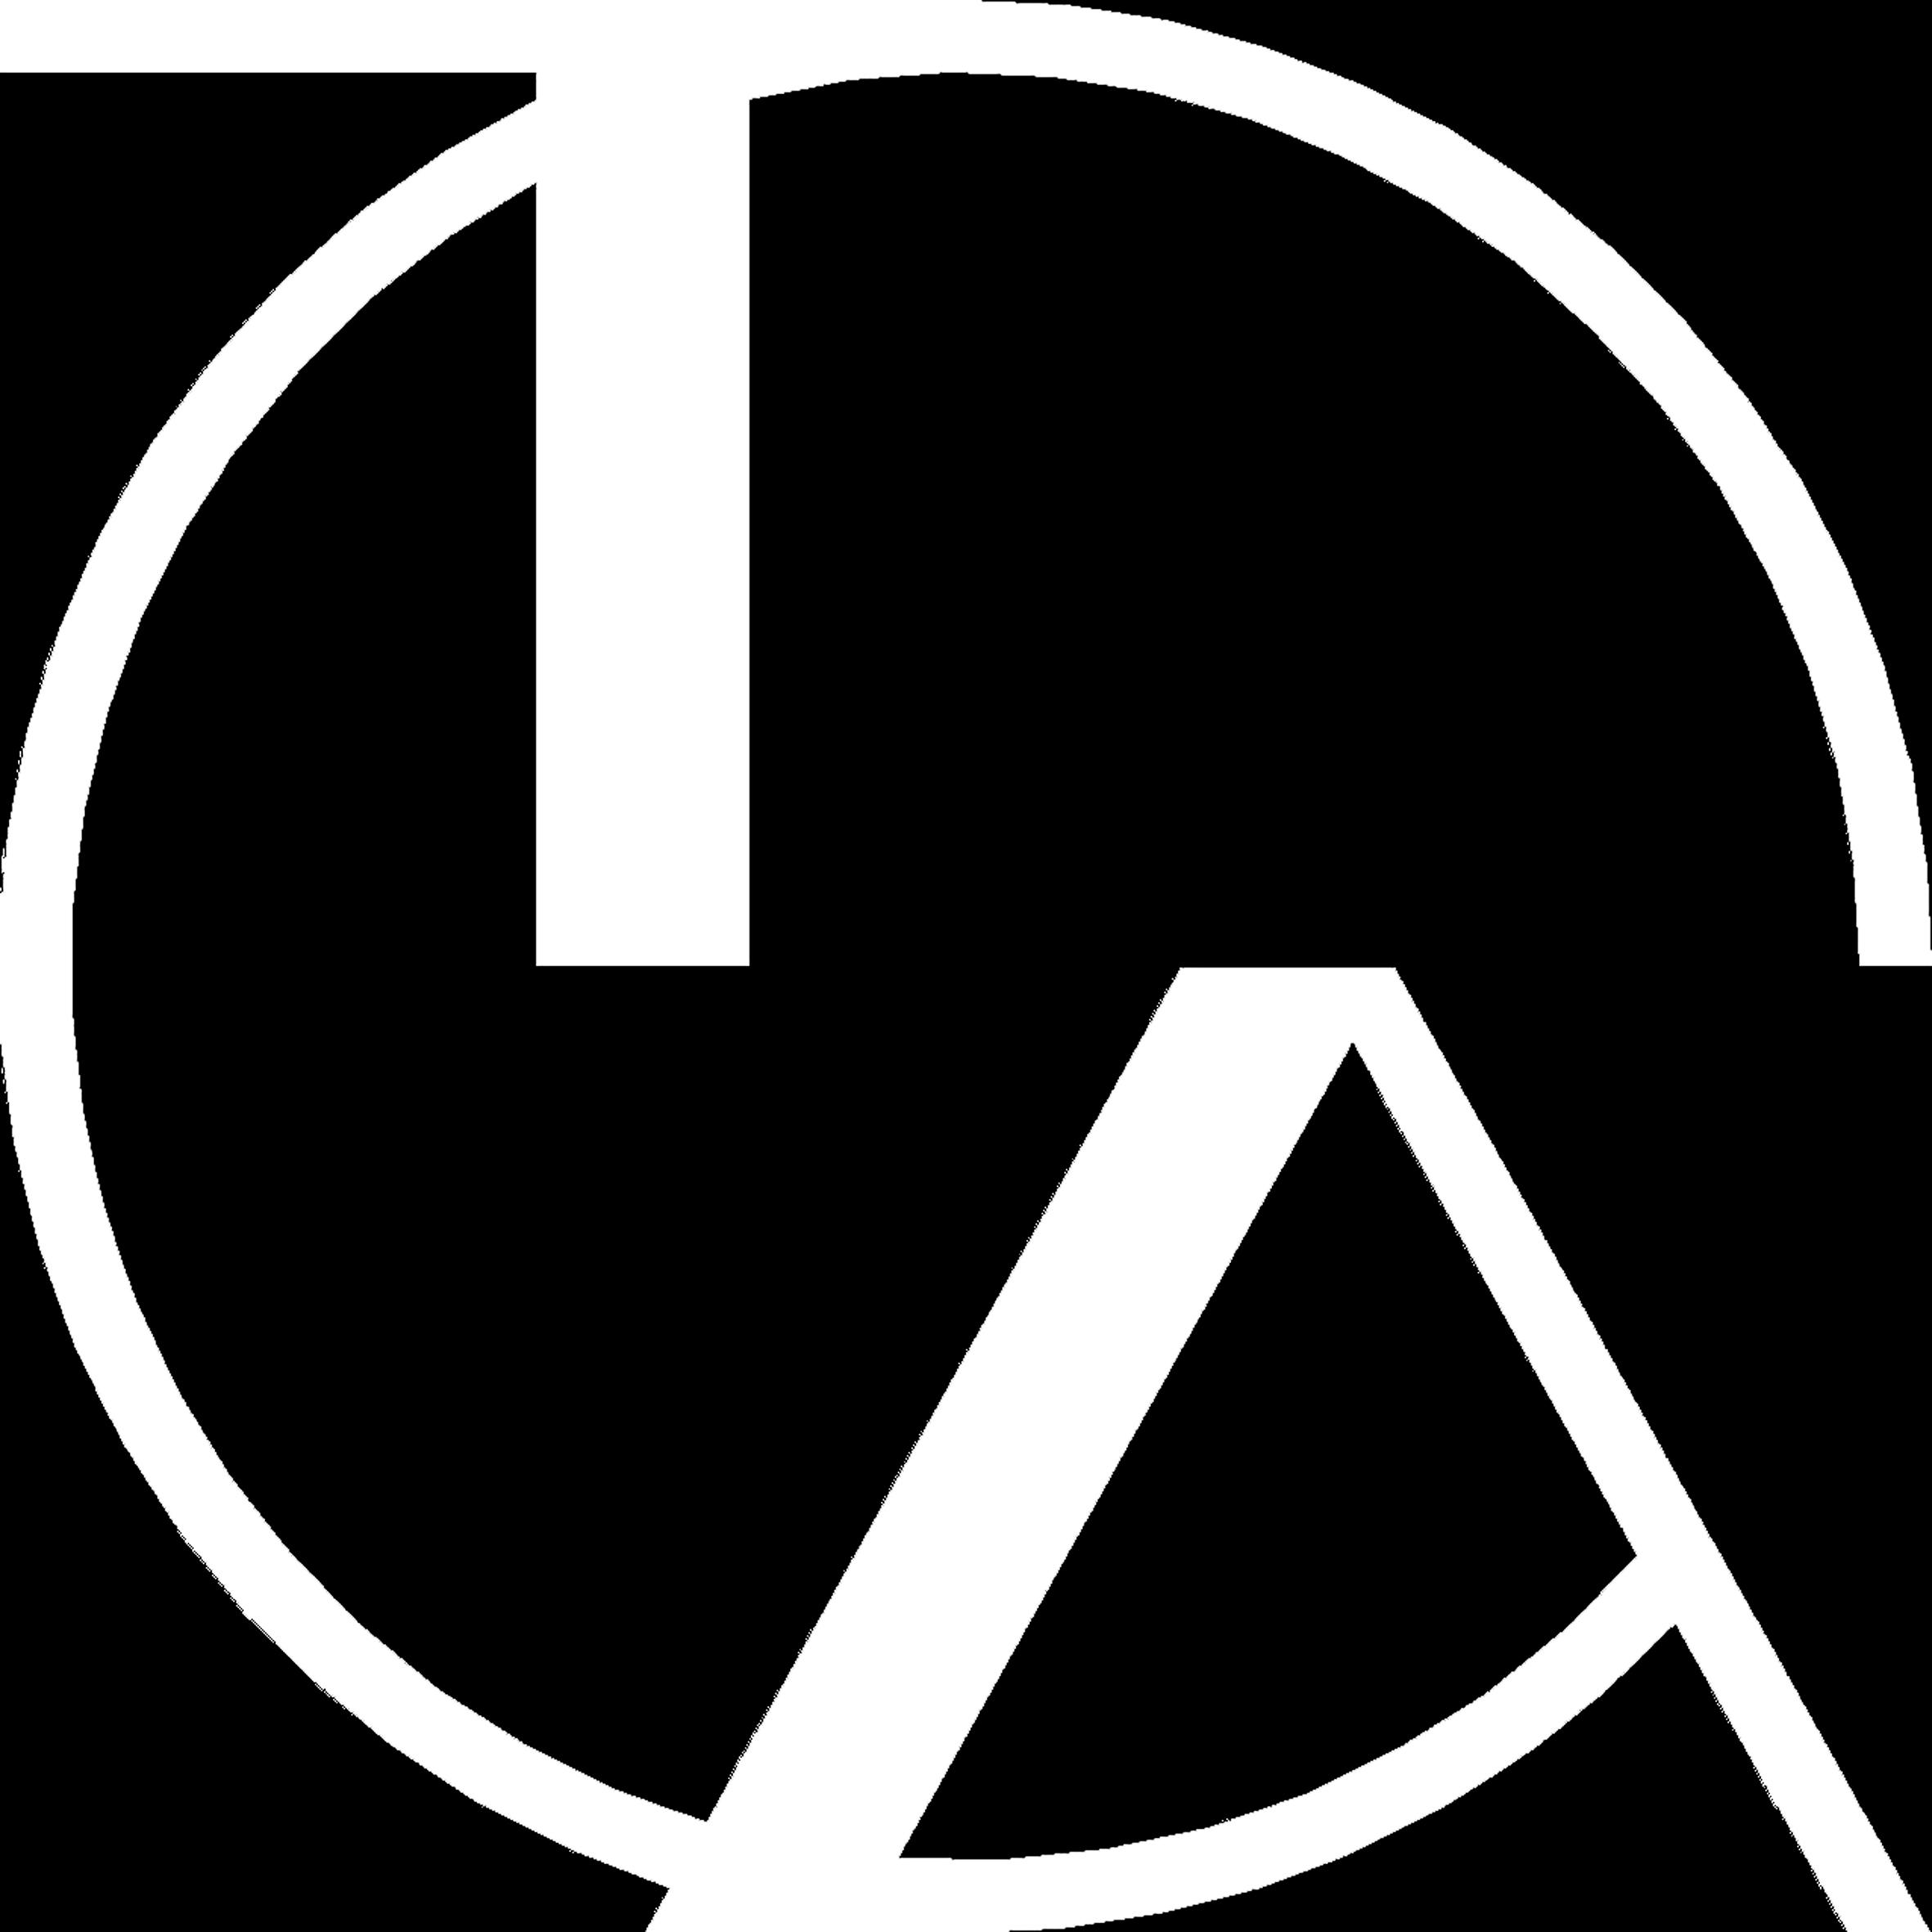 logo 标识 标志 设计 矢量 矢量图 素材 图标 2362_2362